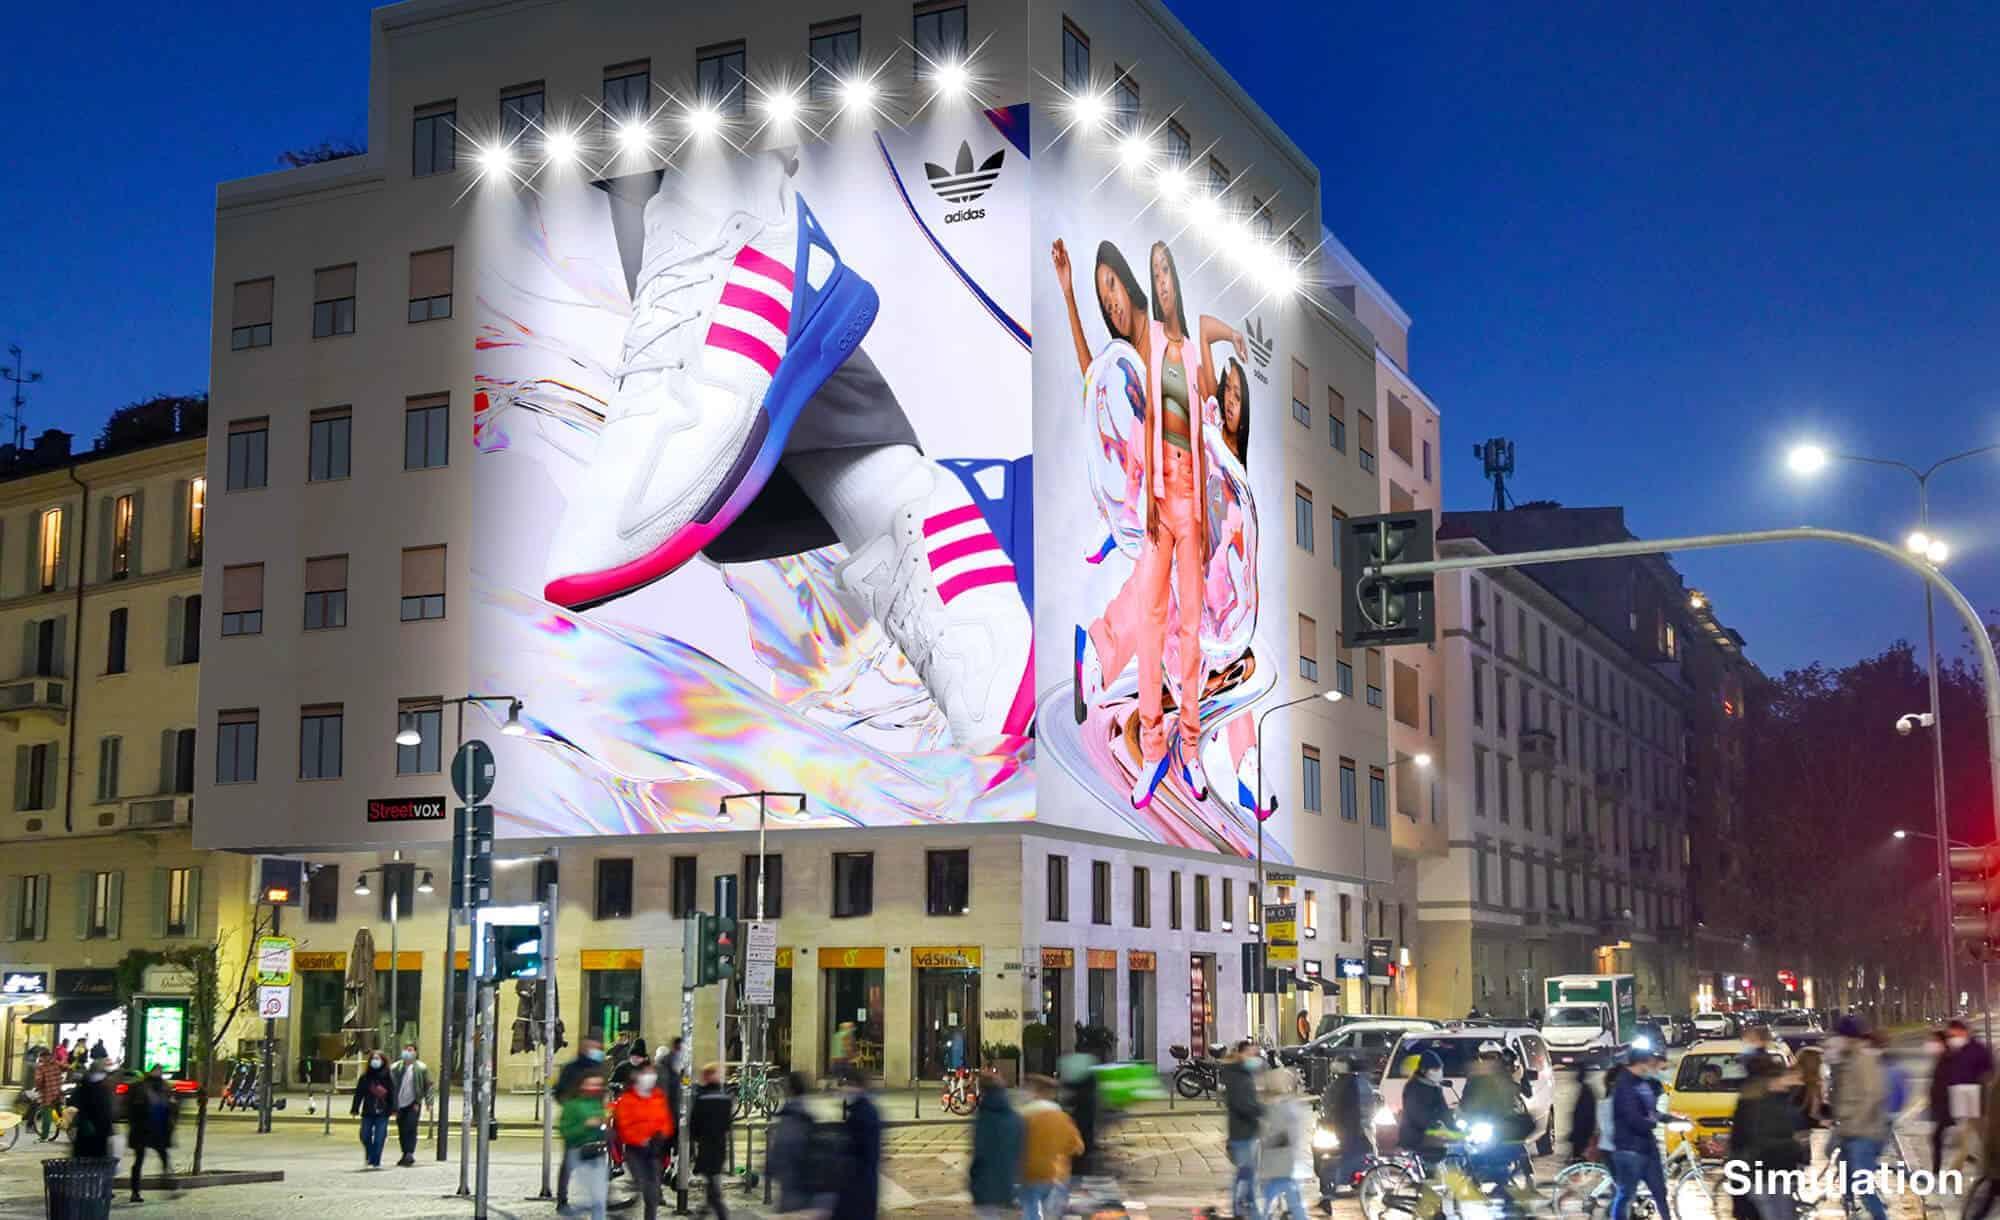 Maxi Affissione a Milano in Piazza XXV Aprile 1 con Adidas (Sportswear)